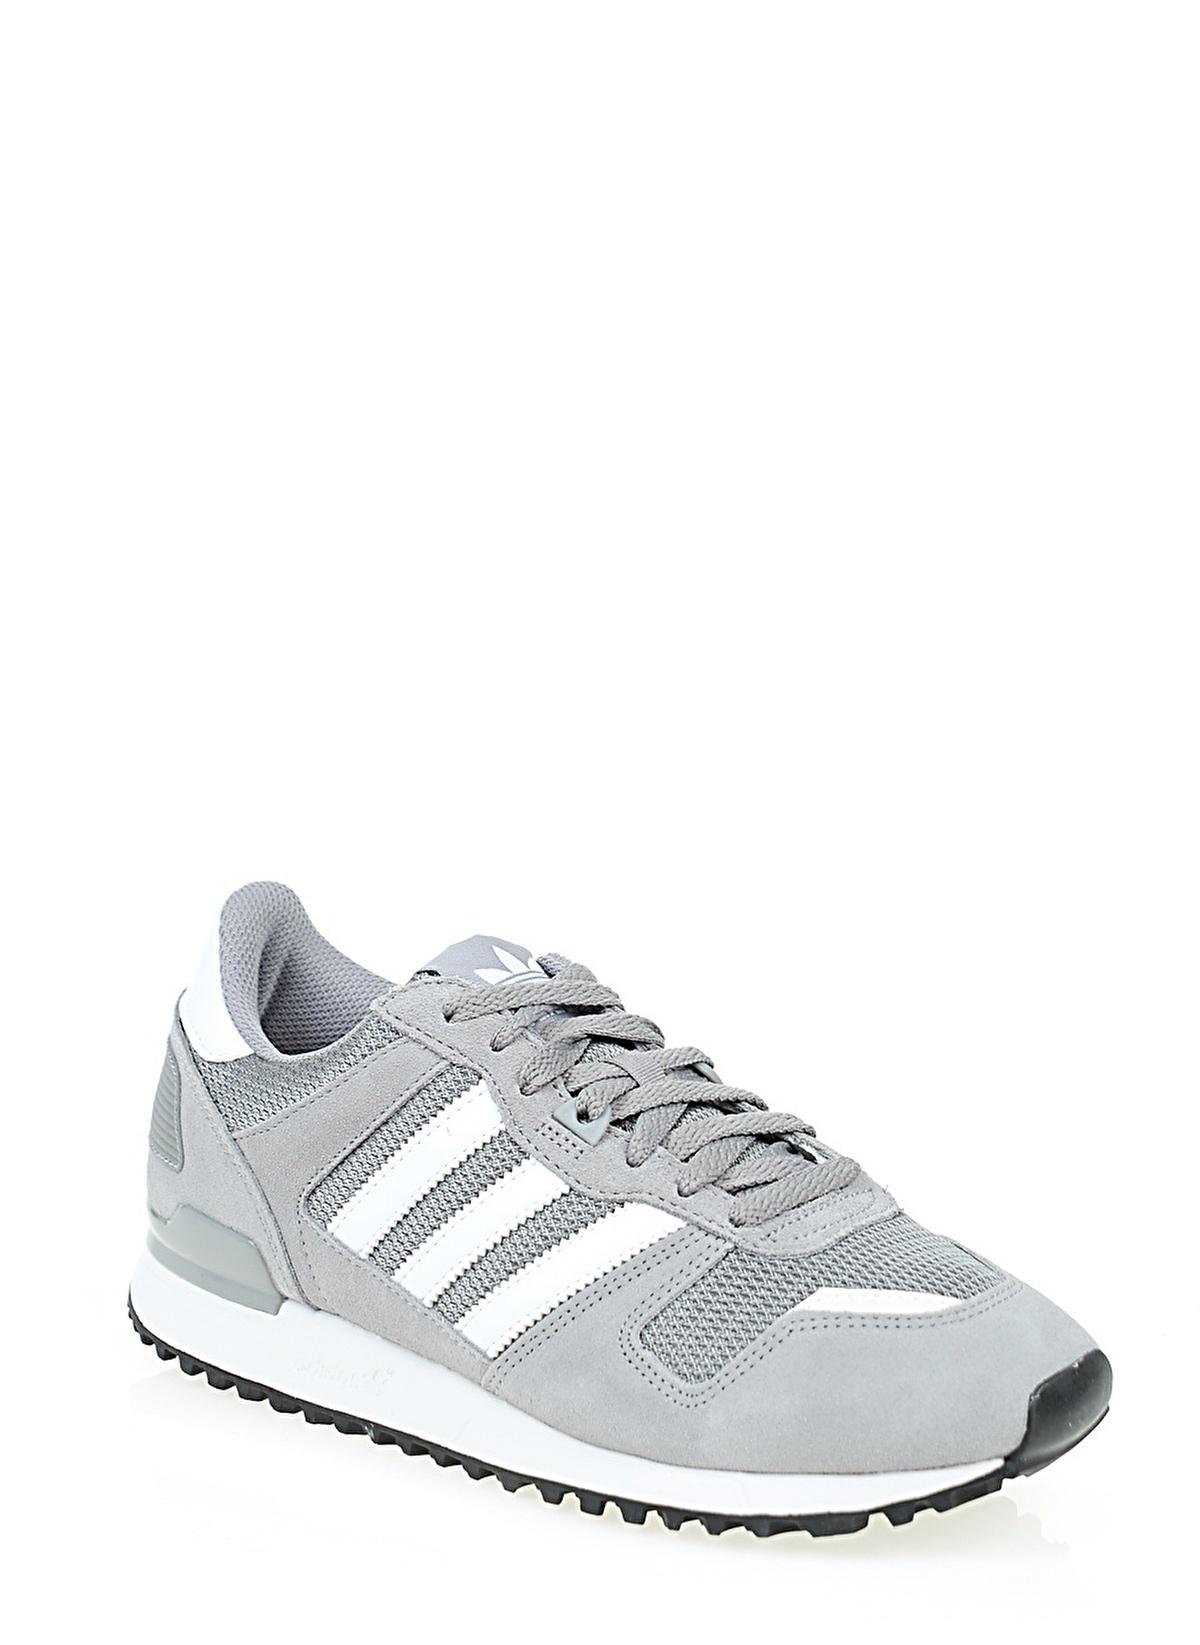 bc5af667107e2 reduced adidas zx 700 erkek 7f6a7 359d9